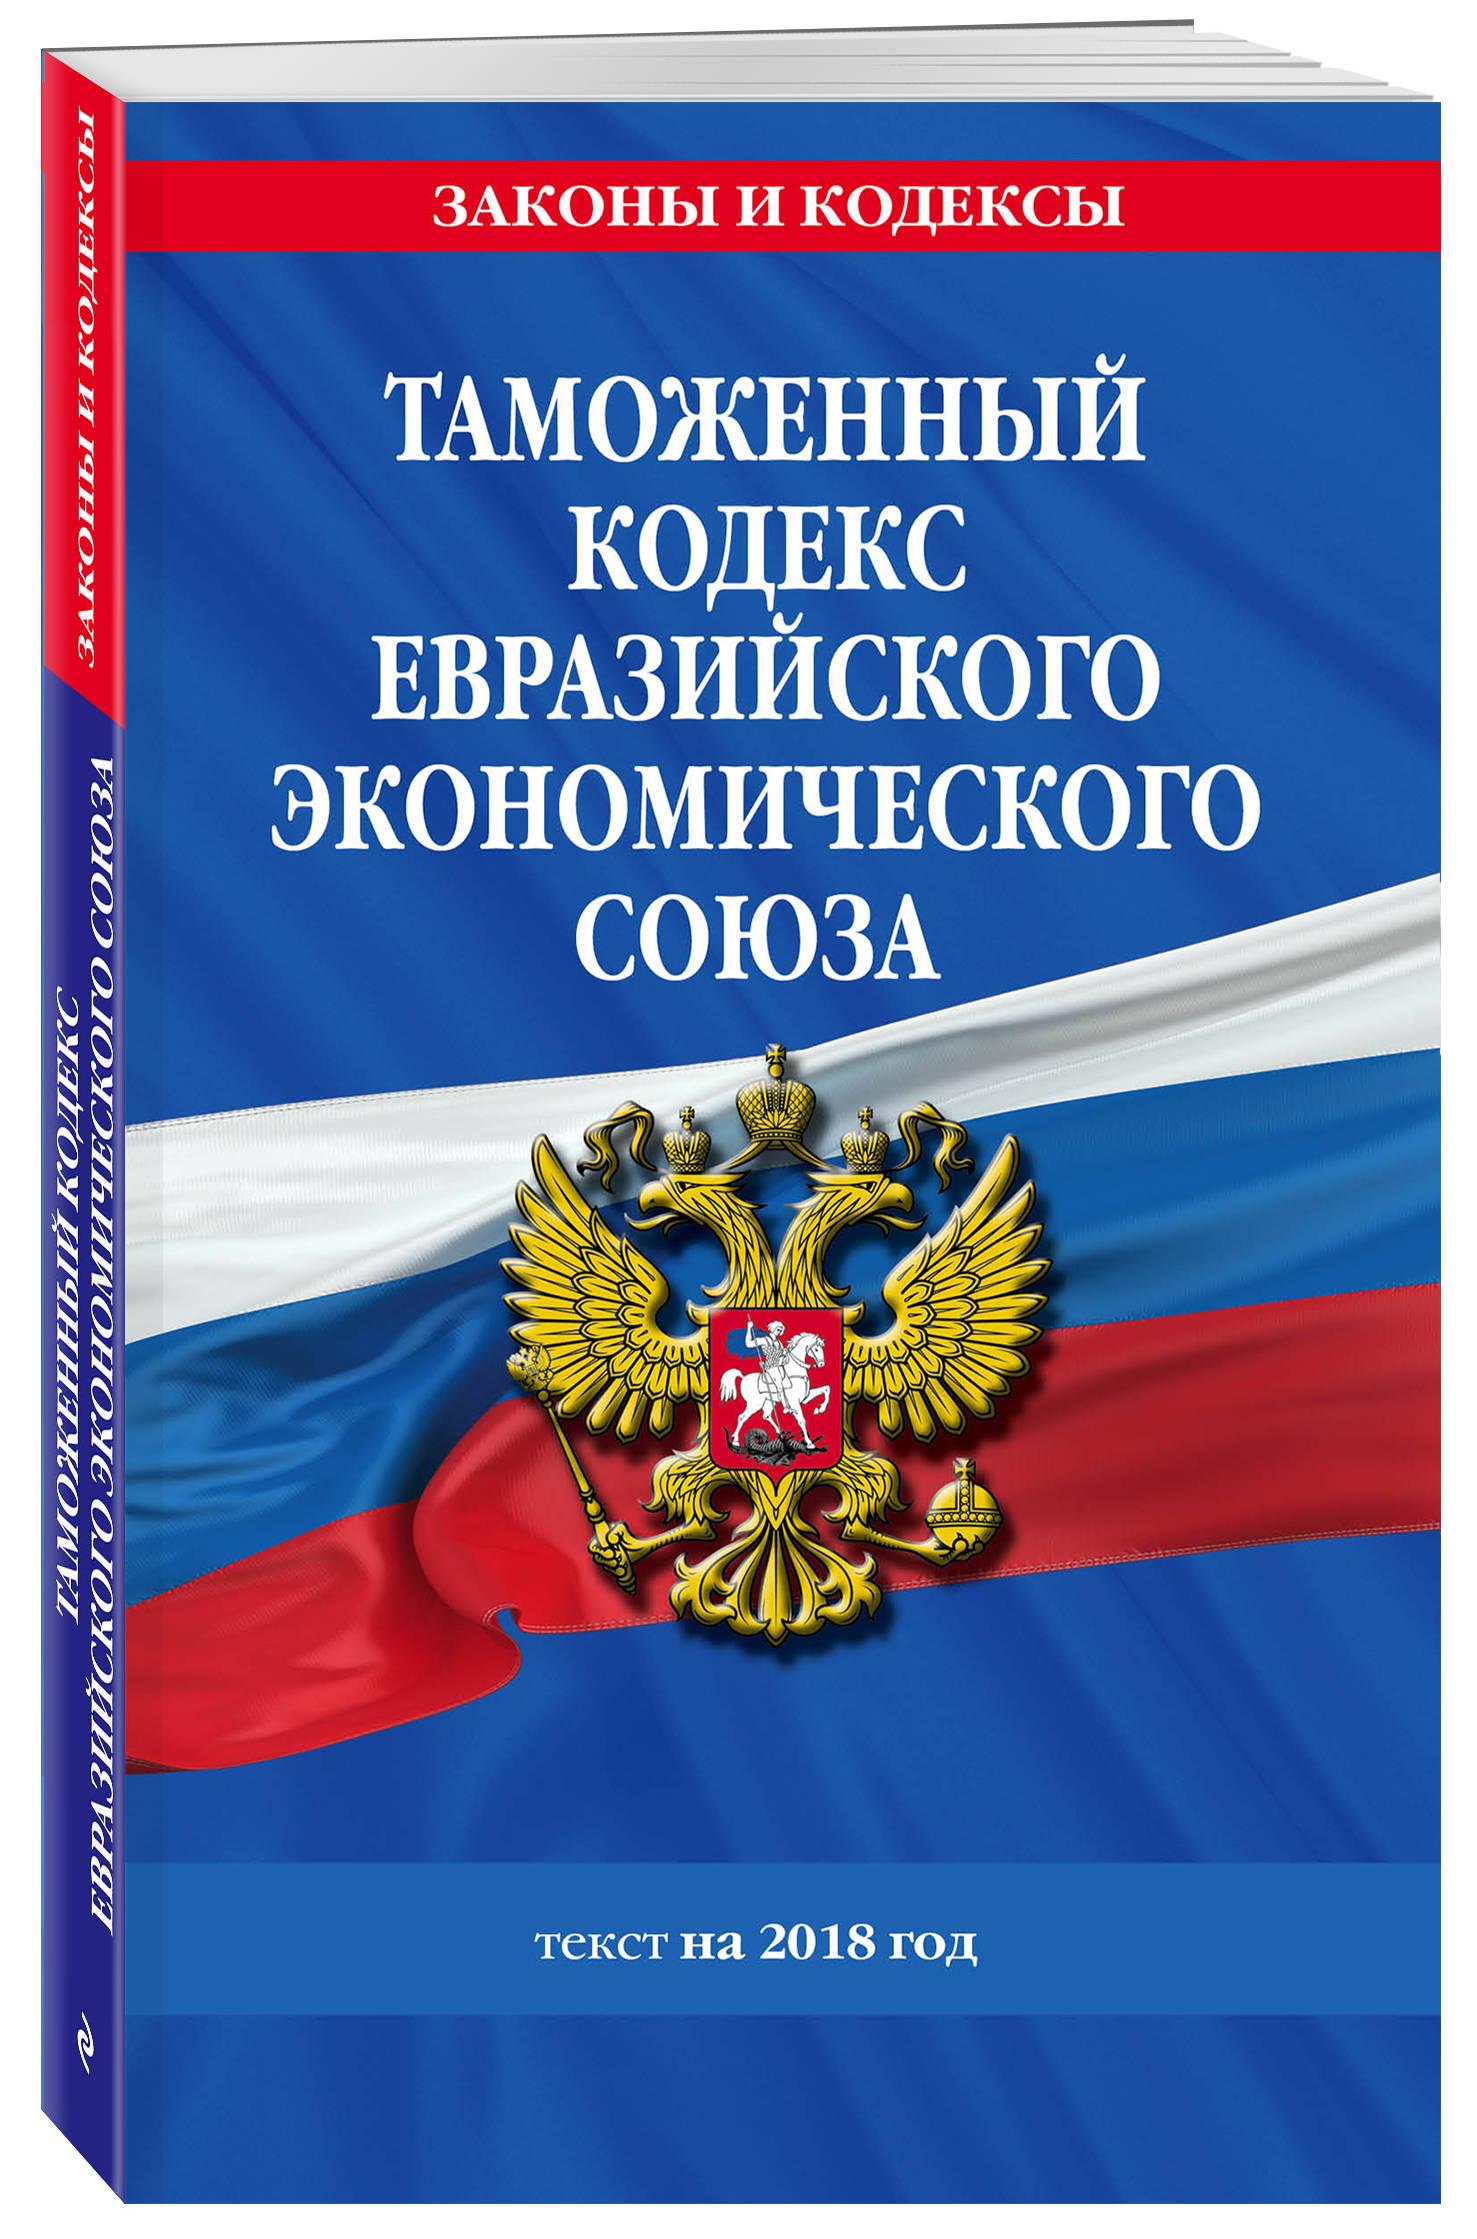 цена на Таможенный кодекс Евразийского экономического союза: текст на 2018 г.